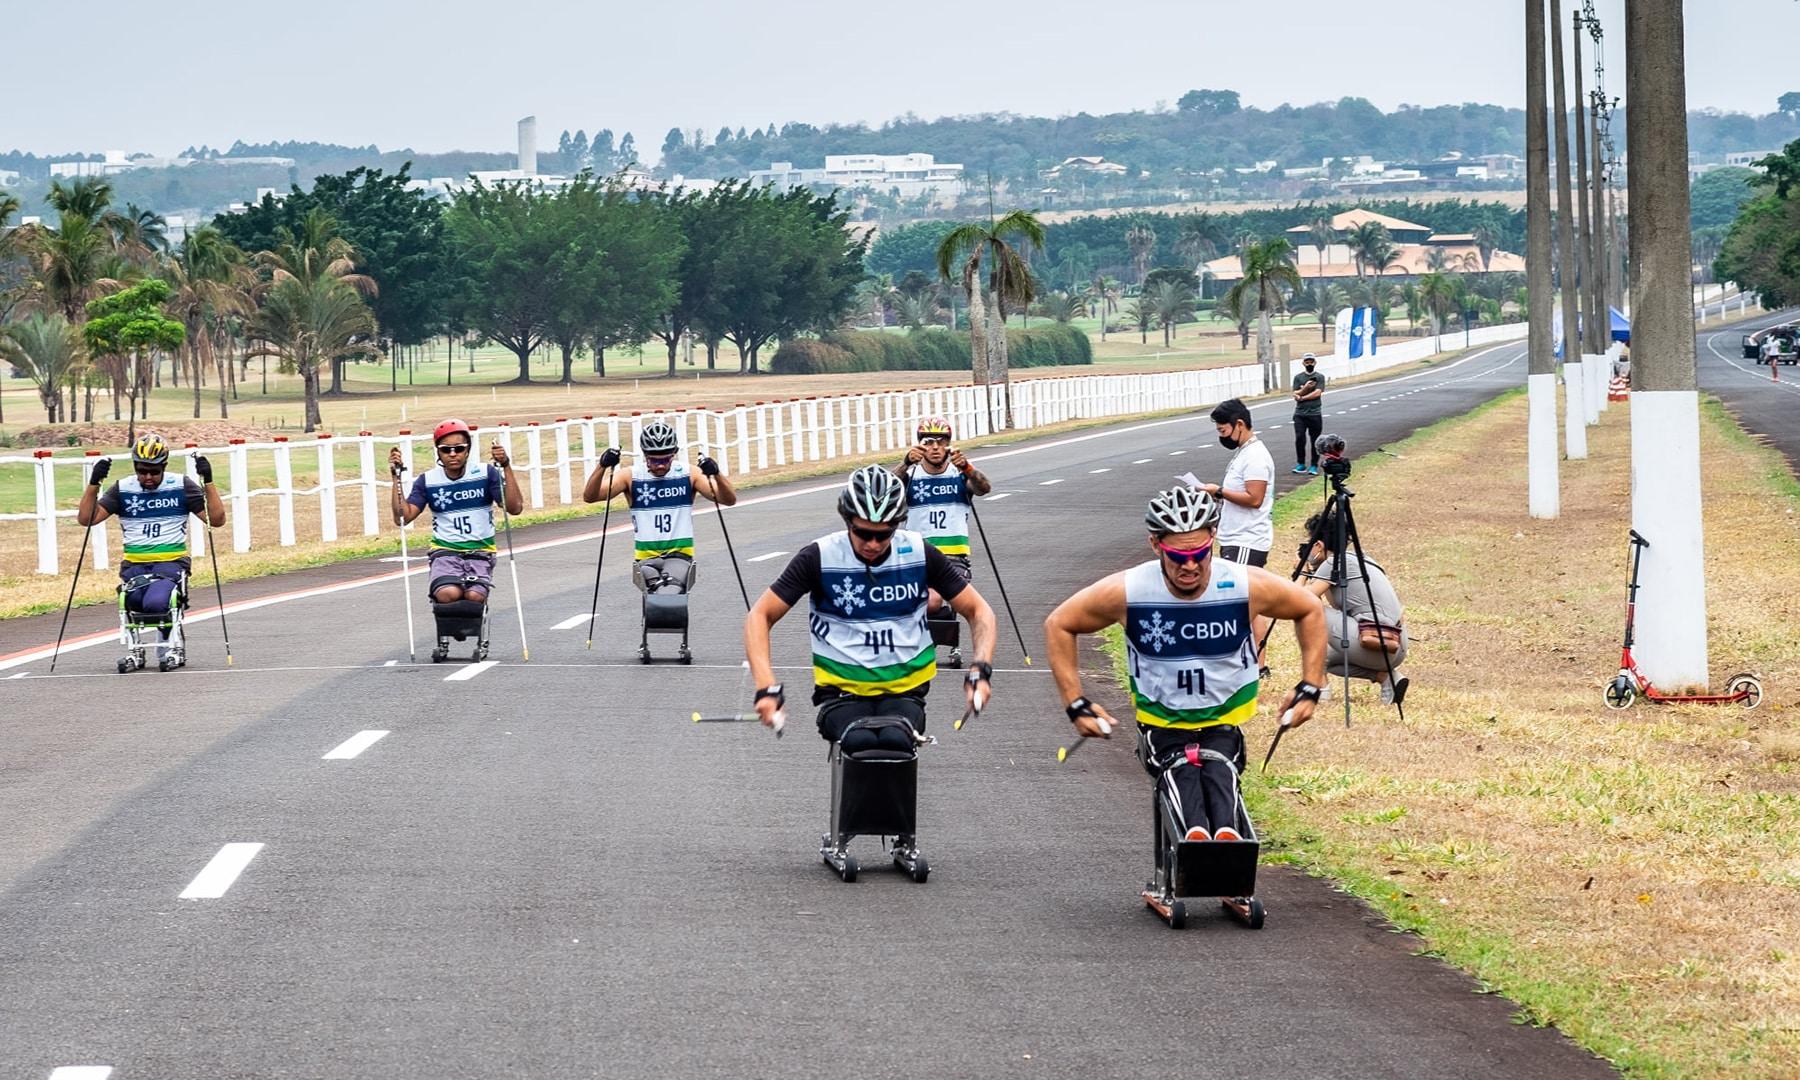 Rollerski movimenta atletas do esporte paralímpico de inverno do Brasil